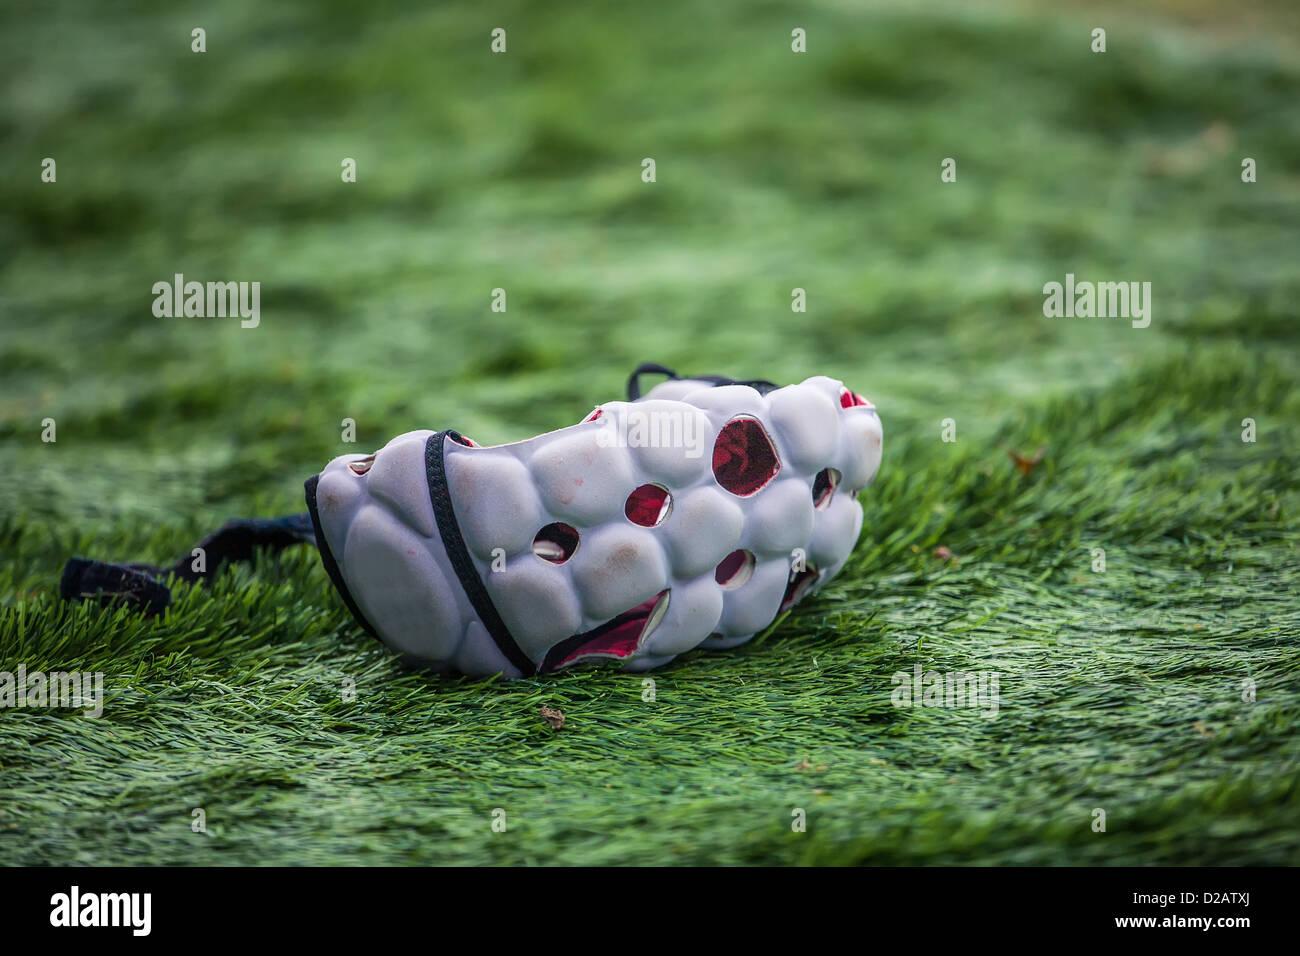 Casco giocatore di rugby Immagini Stock